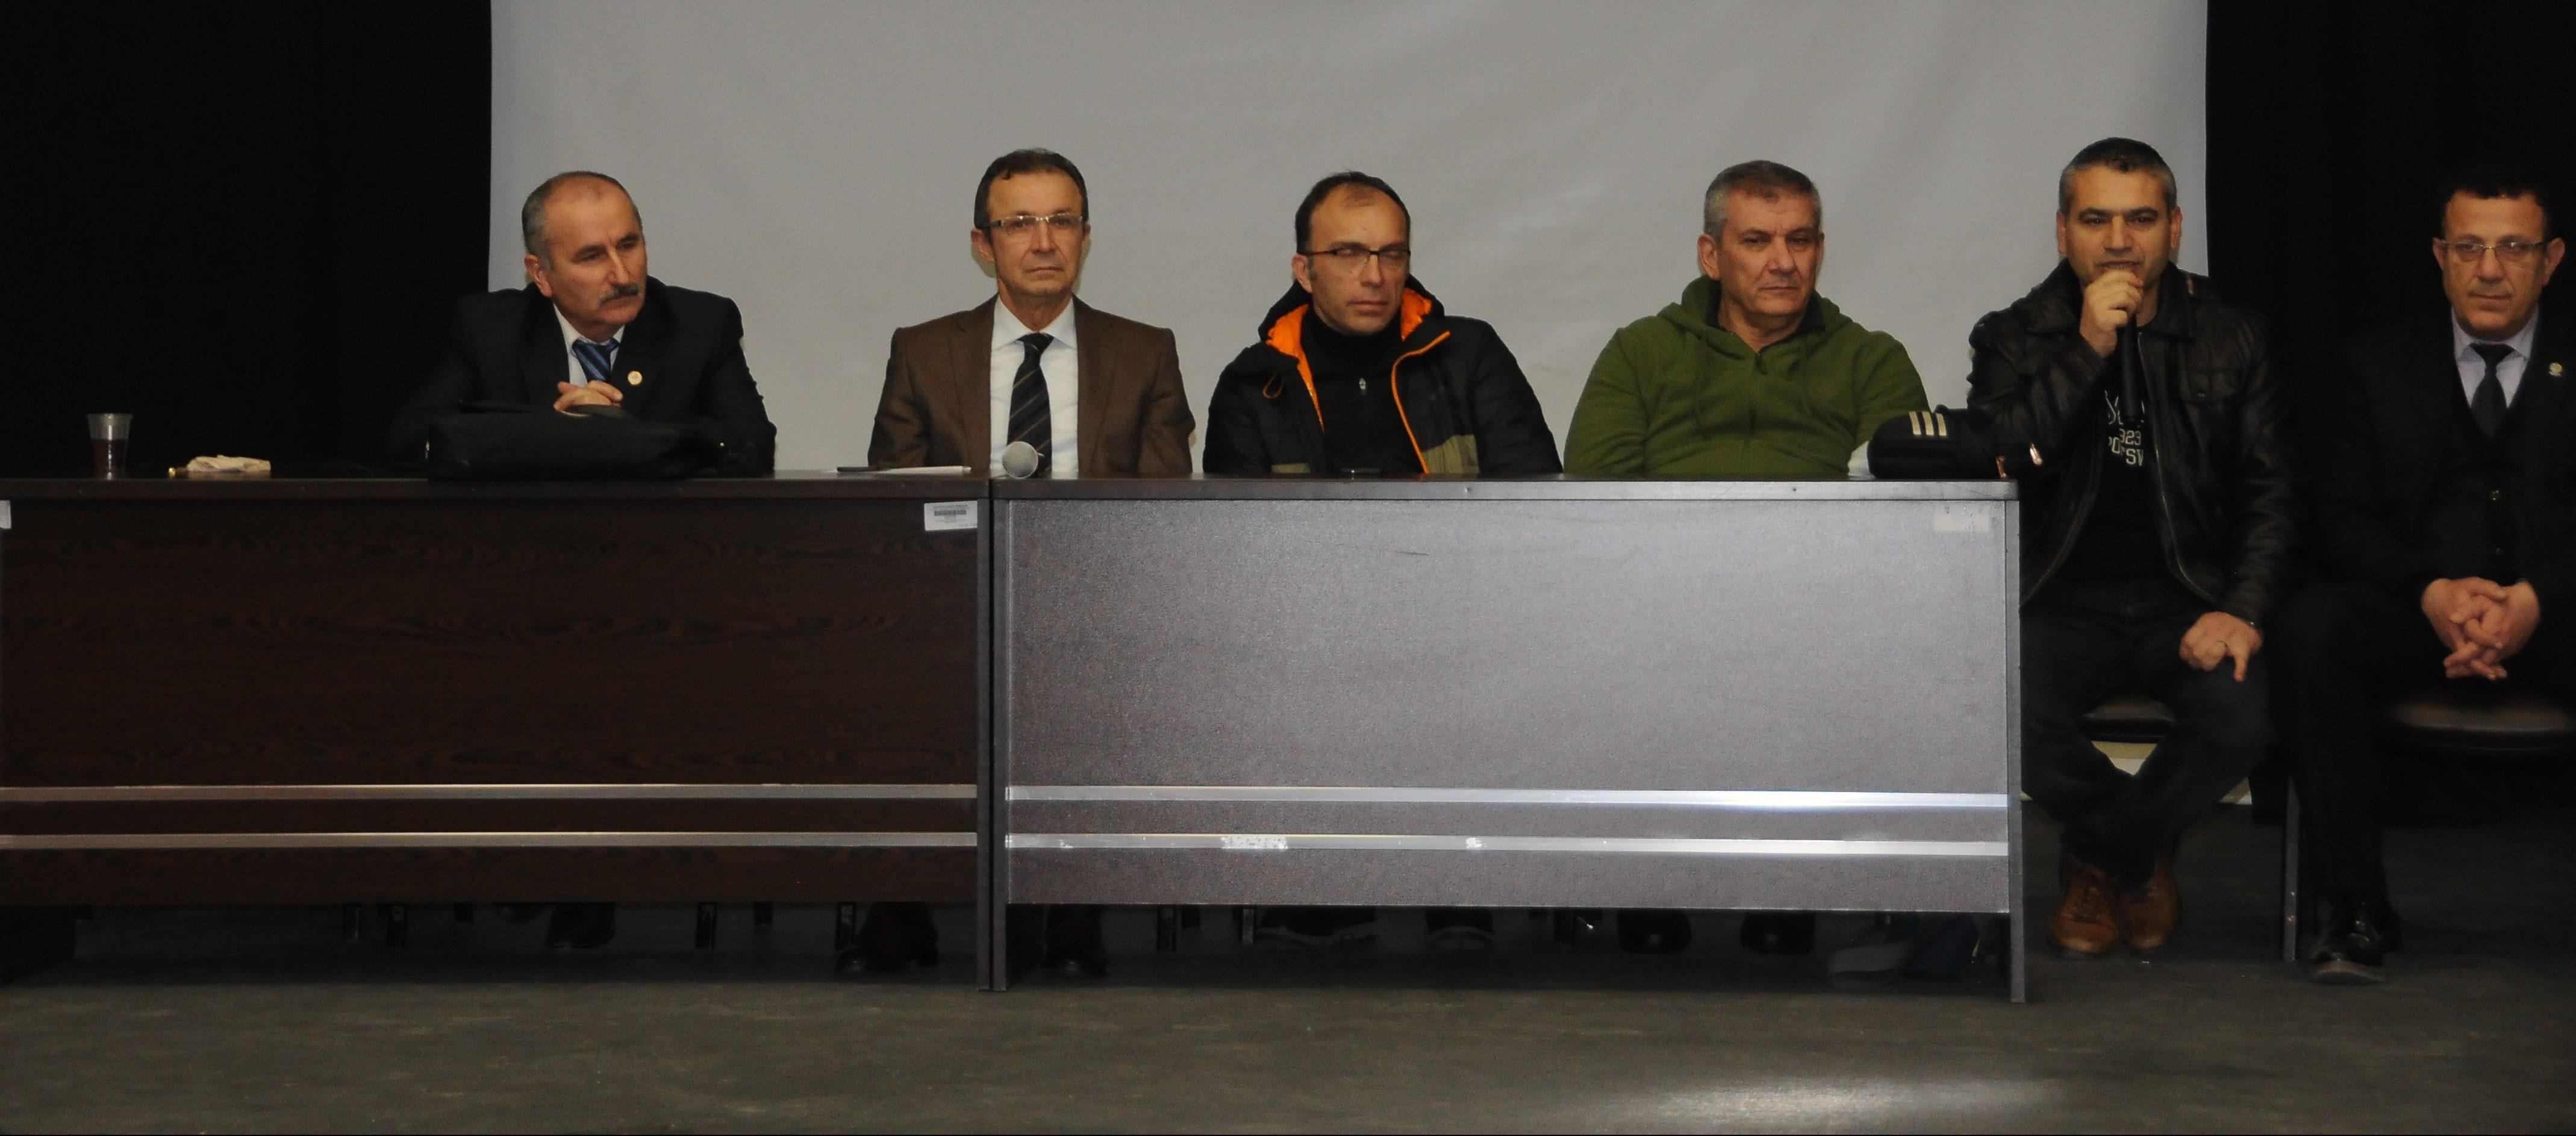 Federasyonumuz 2019 yılı faaliyetlerinden olan Naim Süleymanoğlu Büyükler Kulüpler Türkiye Halter Şampiyonası Denizli Hasan Güngör  Spor Salonunda başladı.